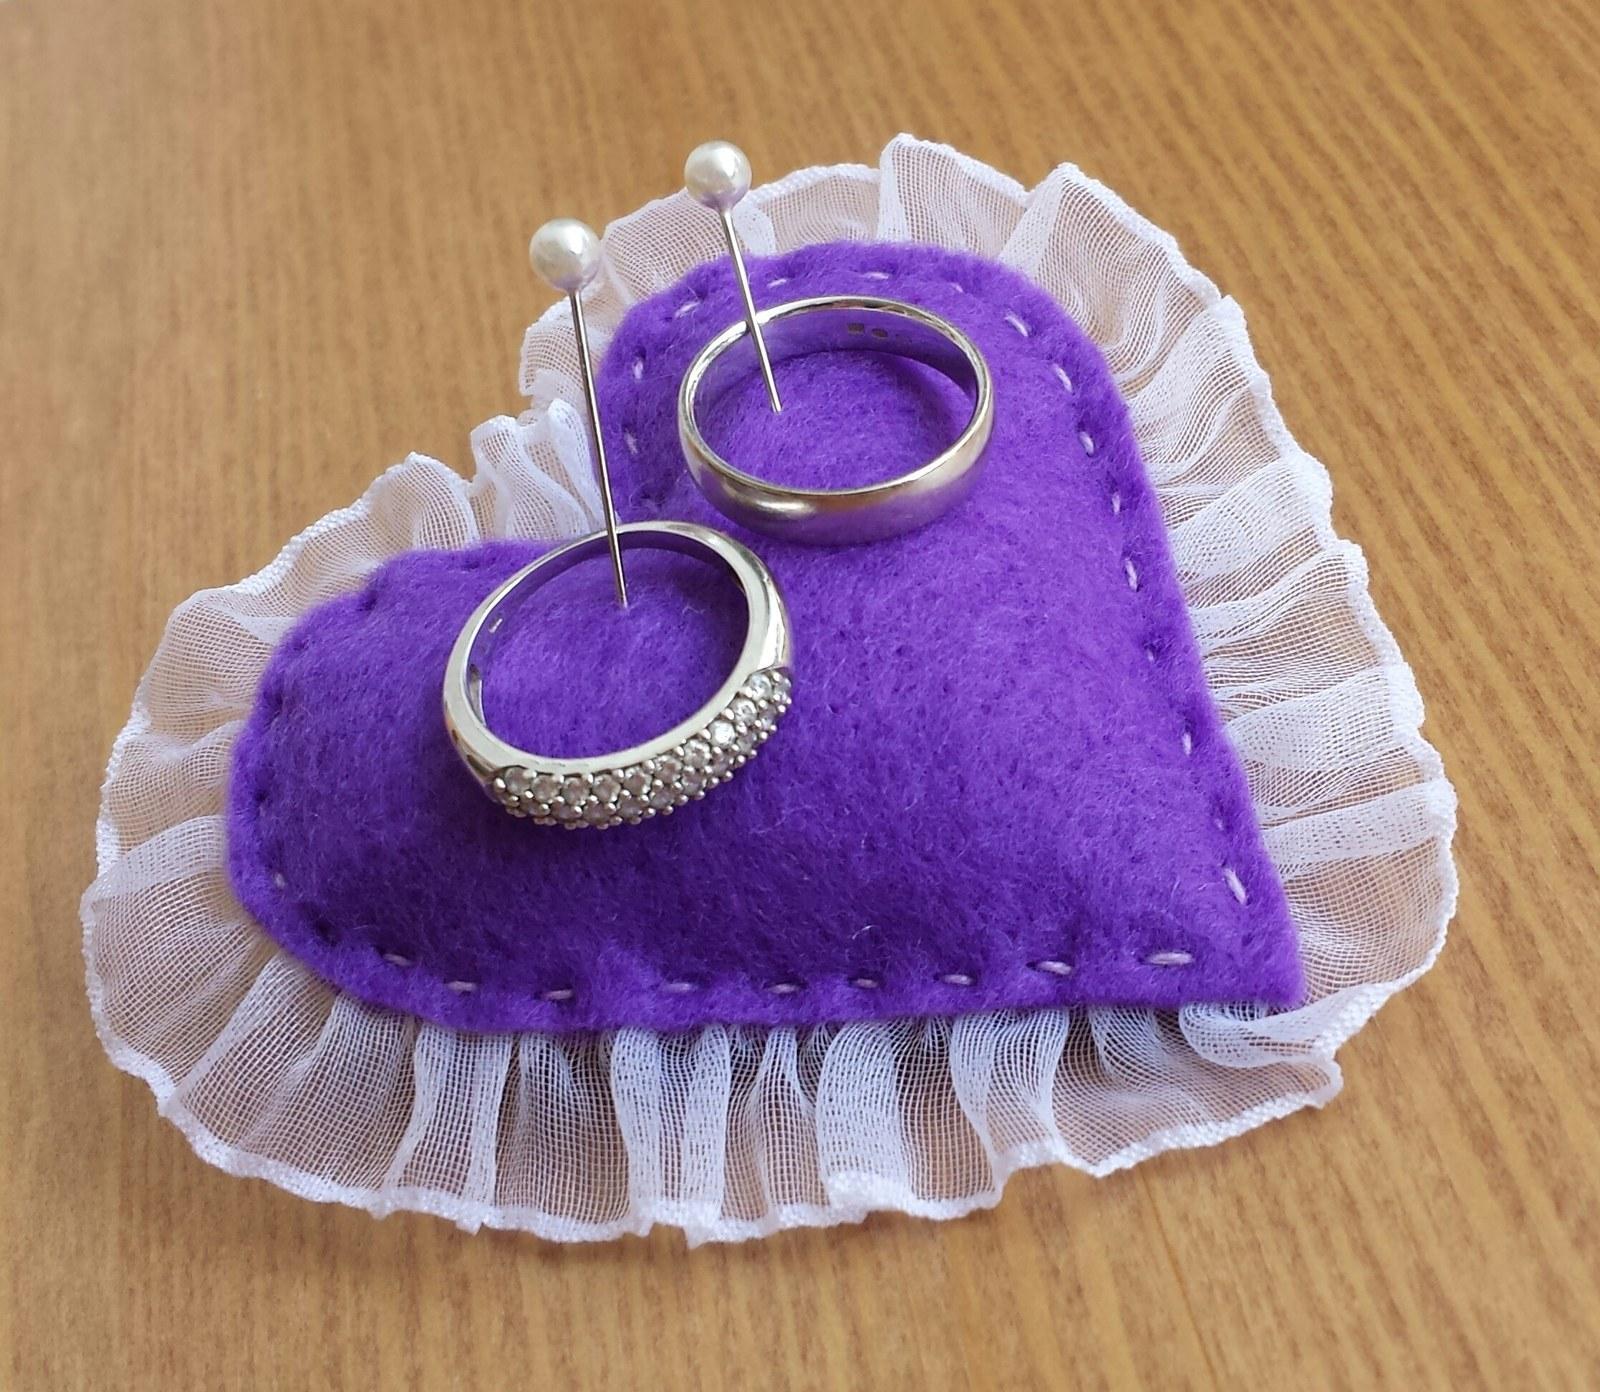 Fialový mini polštářek pod prstynky - Obrázek č. 1